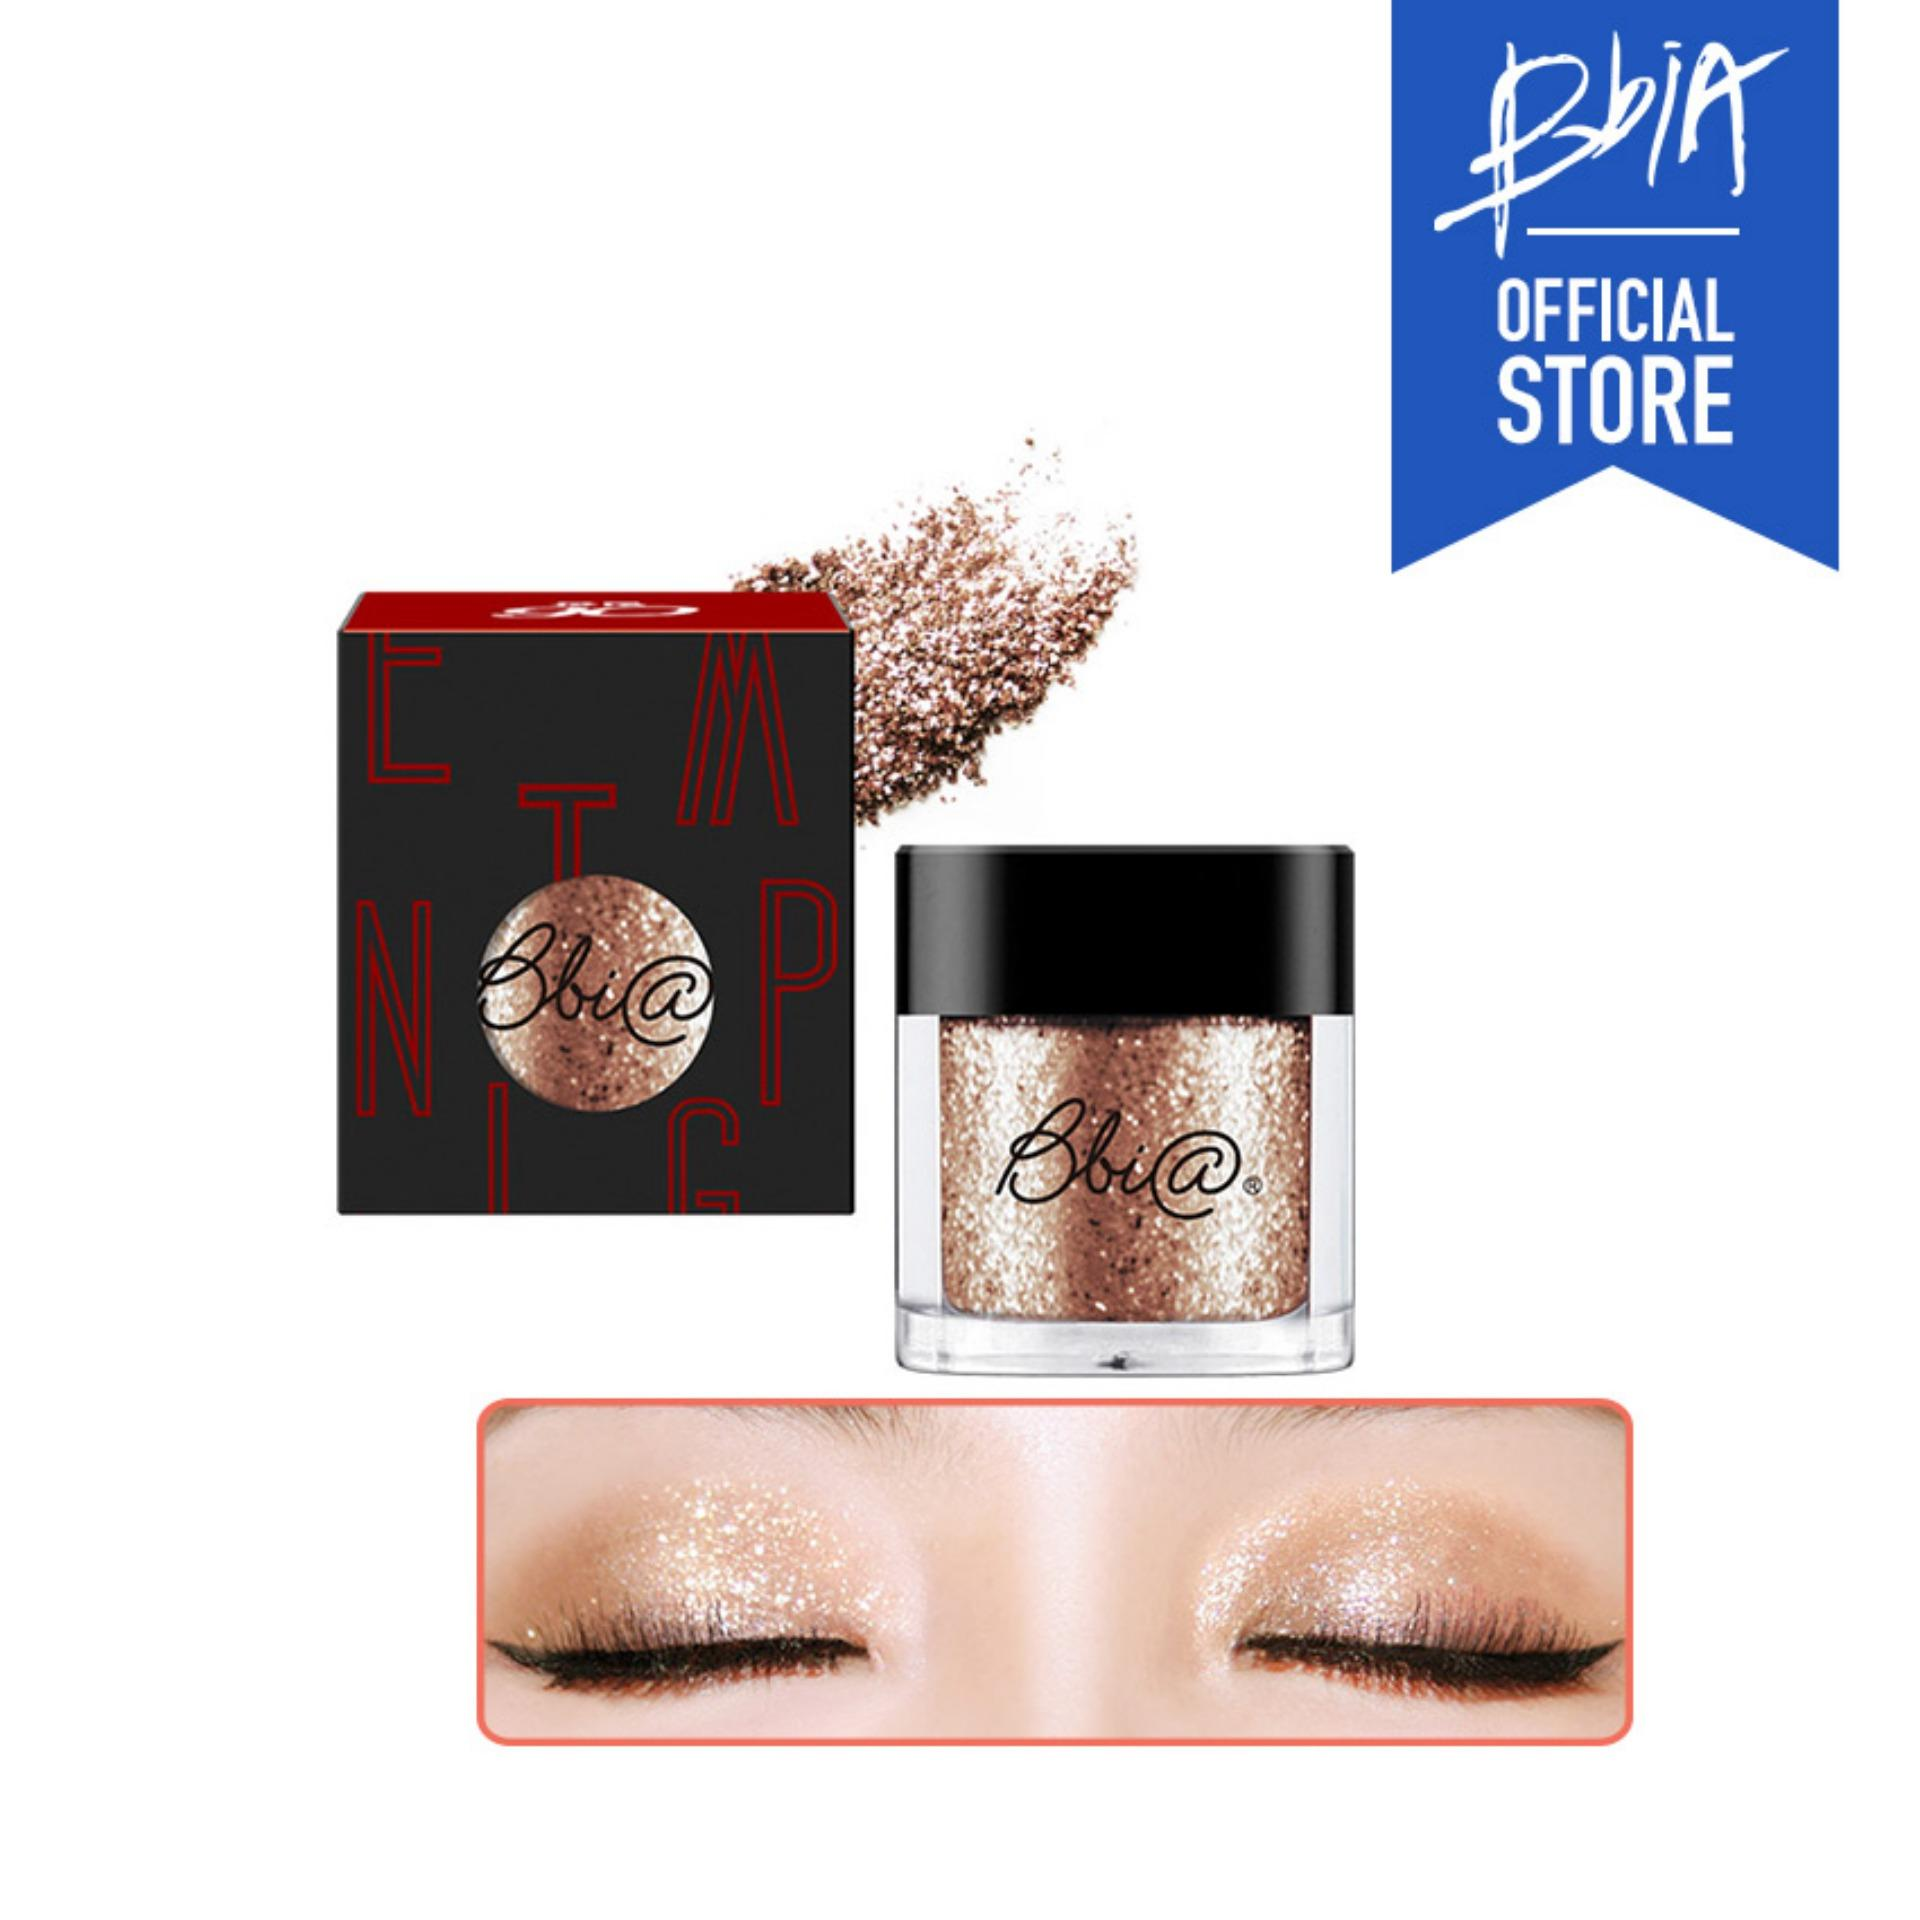 Phấn mắt có nhũ Bbia Pigment - 08 Perfect Diamond Bronze (Màu vàng ánh kim cương) tốt nhất